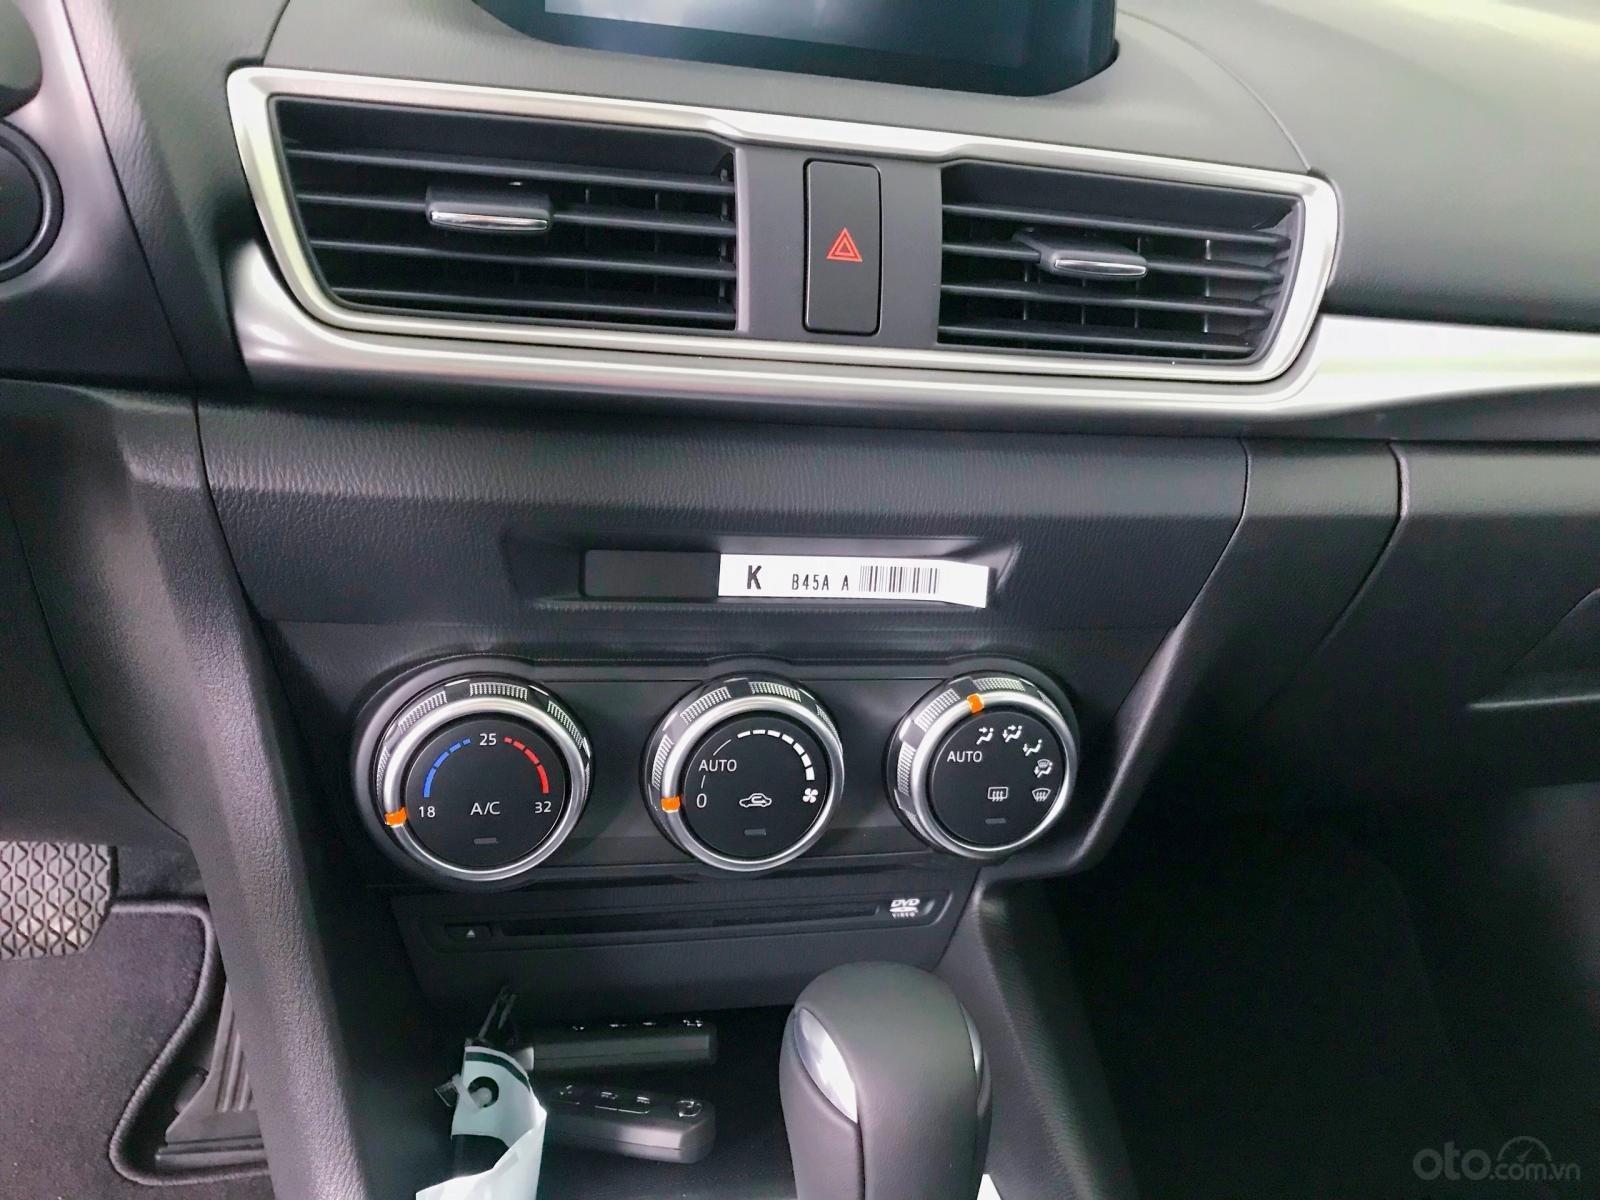 Mazda 3 ưu đãi lớn, hỗ trợ vay 80%, thủ tục nhanh, nhận xe liền, LH: 0909514137 (7)